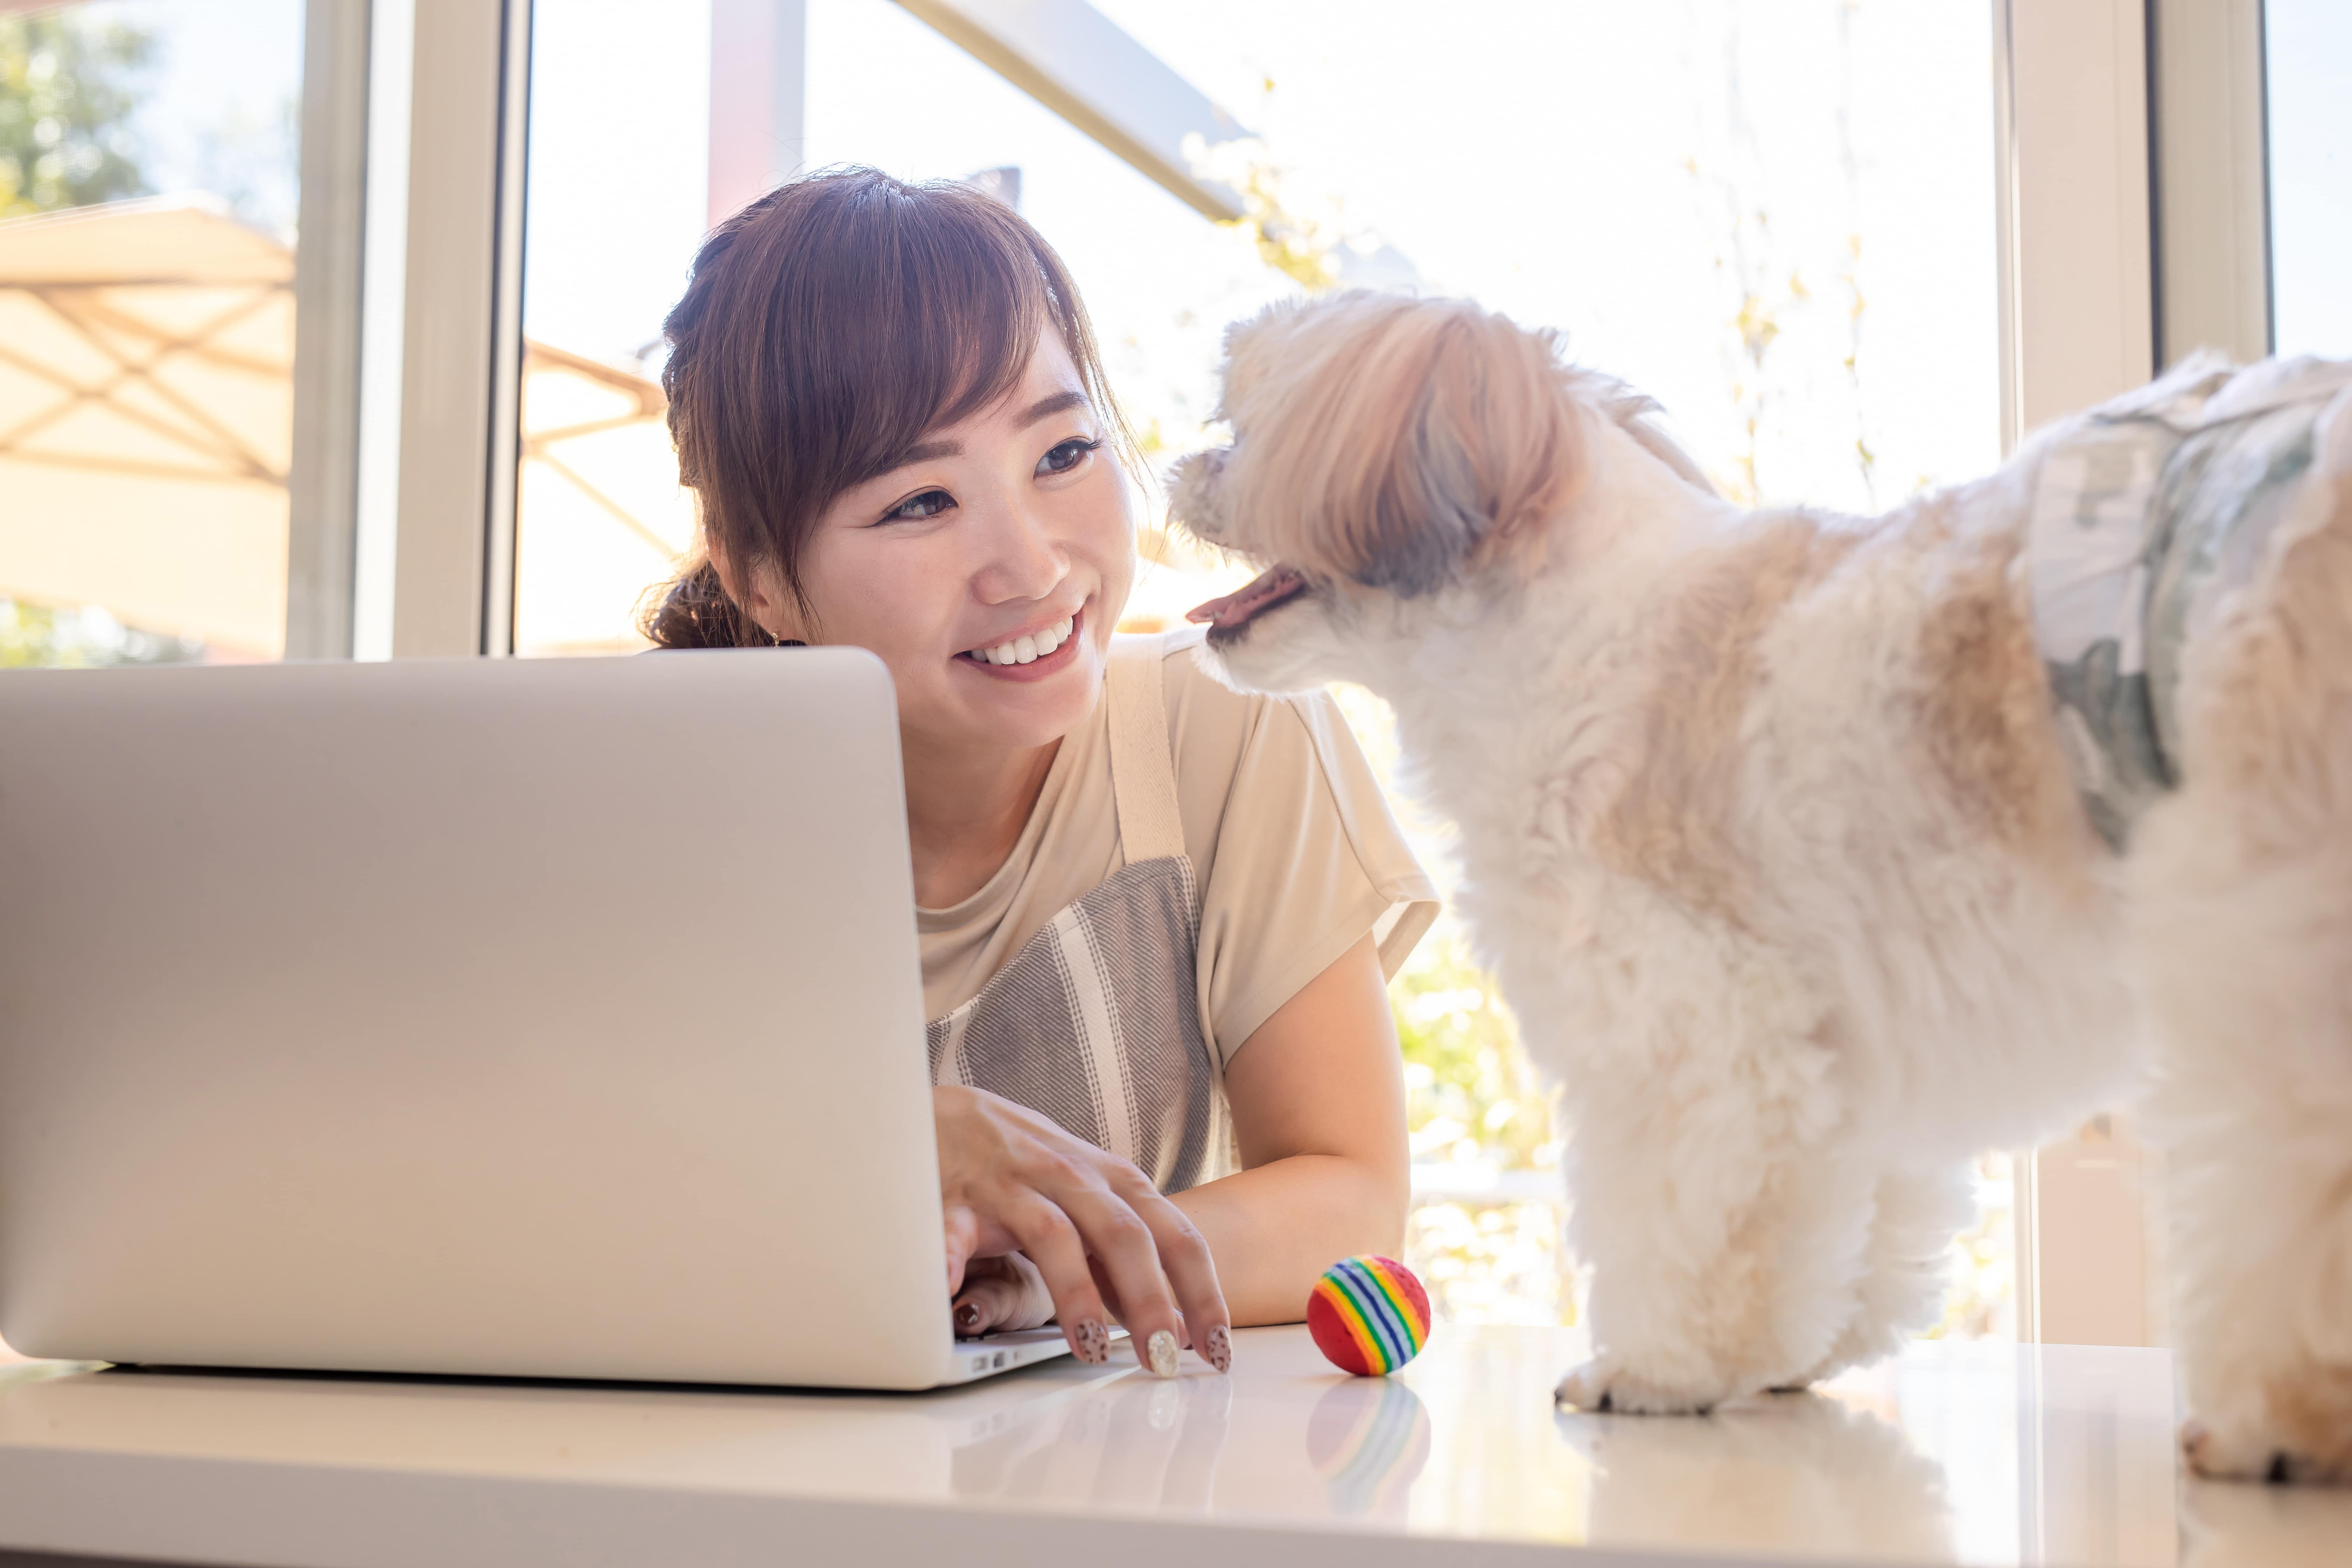 パソコンを触る女性と犬